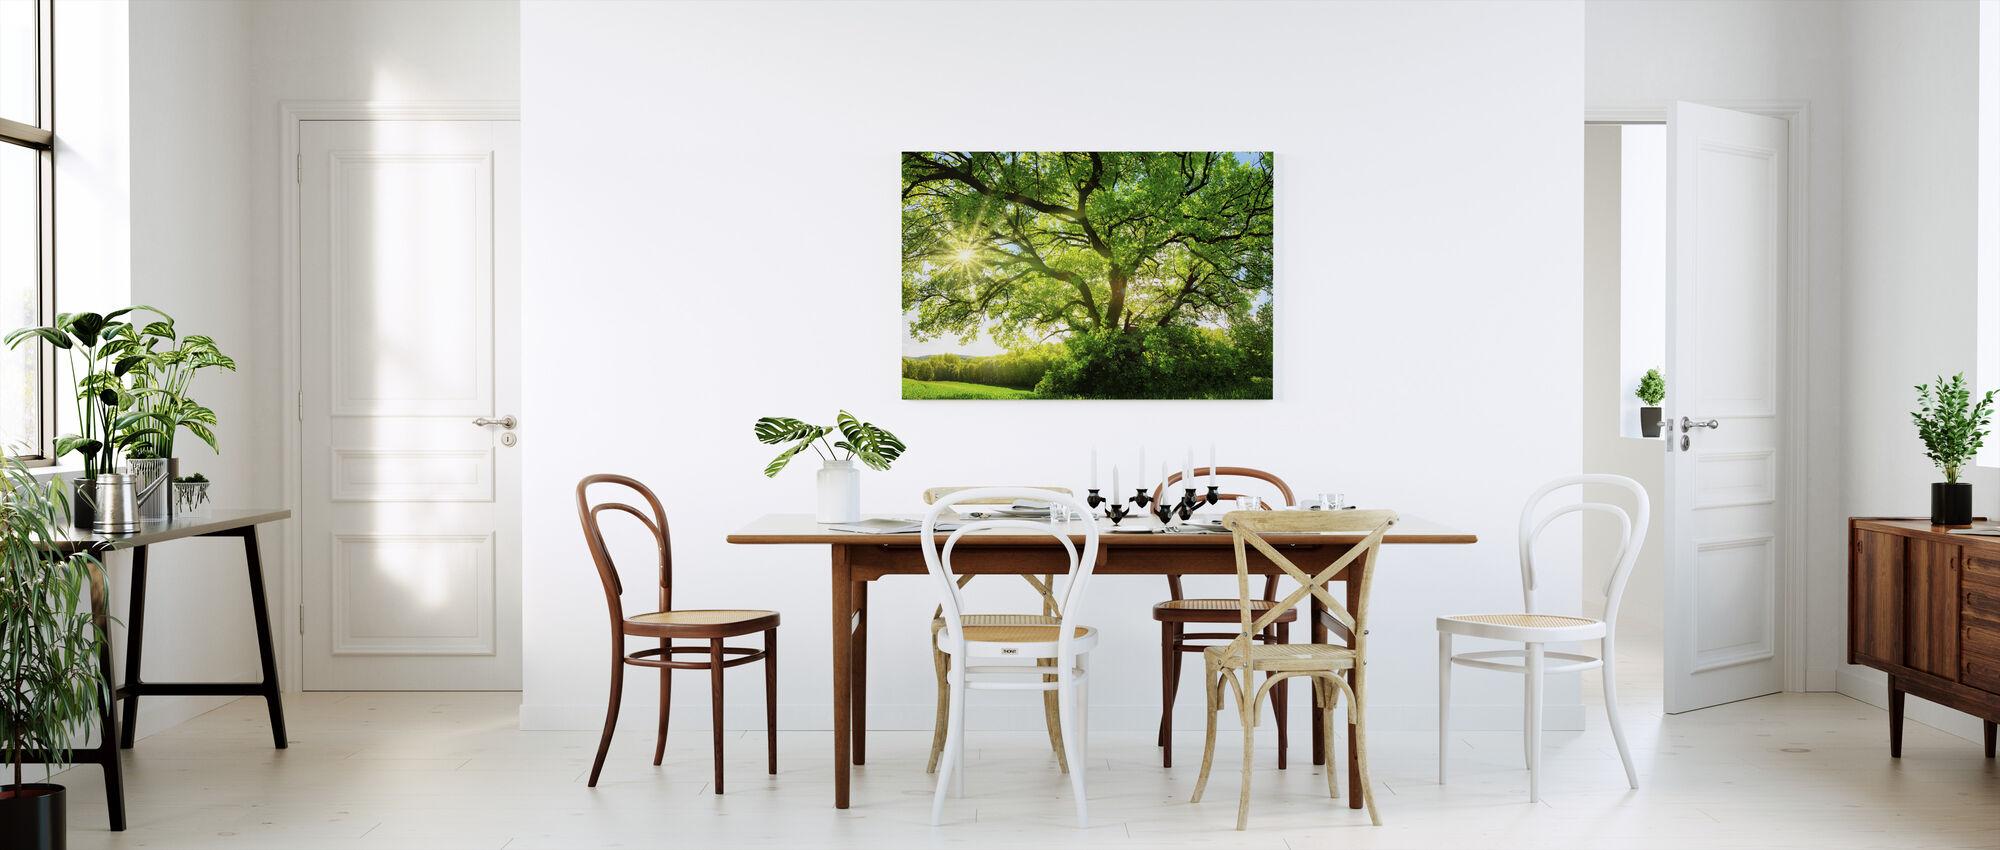 Majesteettinen tammi puu - Canvastaulu - Keittiö